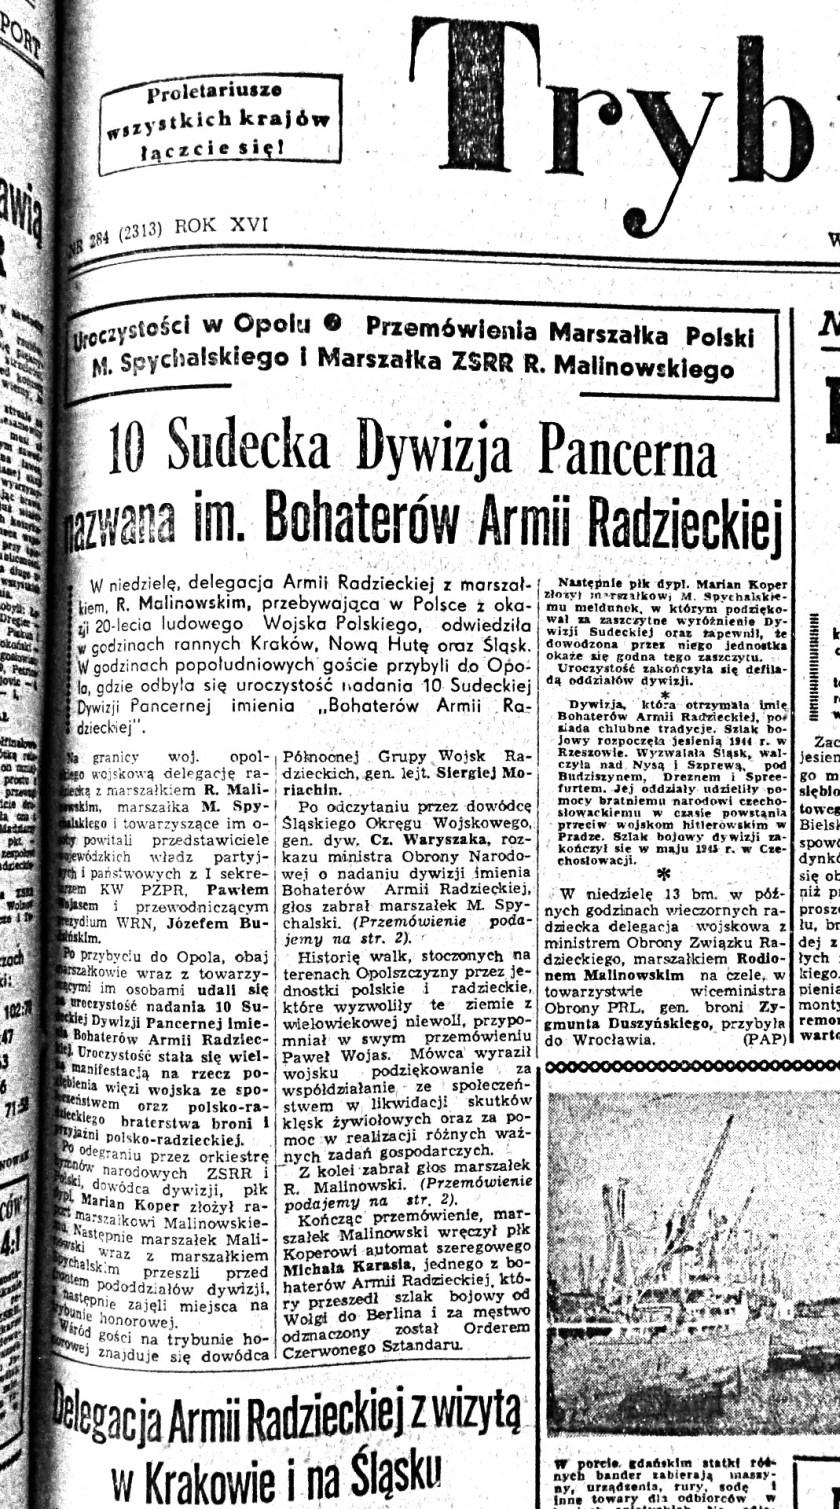 Artykuł w Trybunie Ludu z 15 października 1963 informujący o nadaniu 10 Sudeckiej Dywizji Pancernej imienia Bohaterów Związku Radzieckiego.